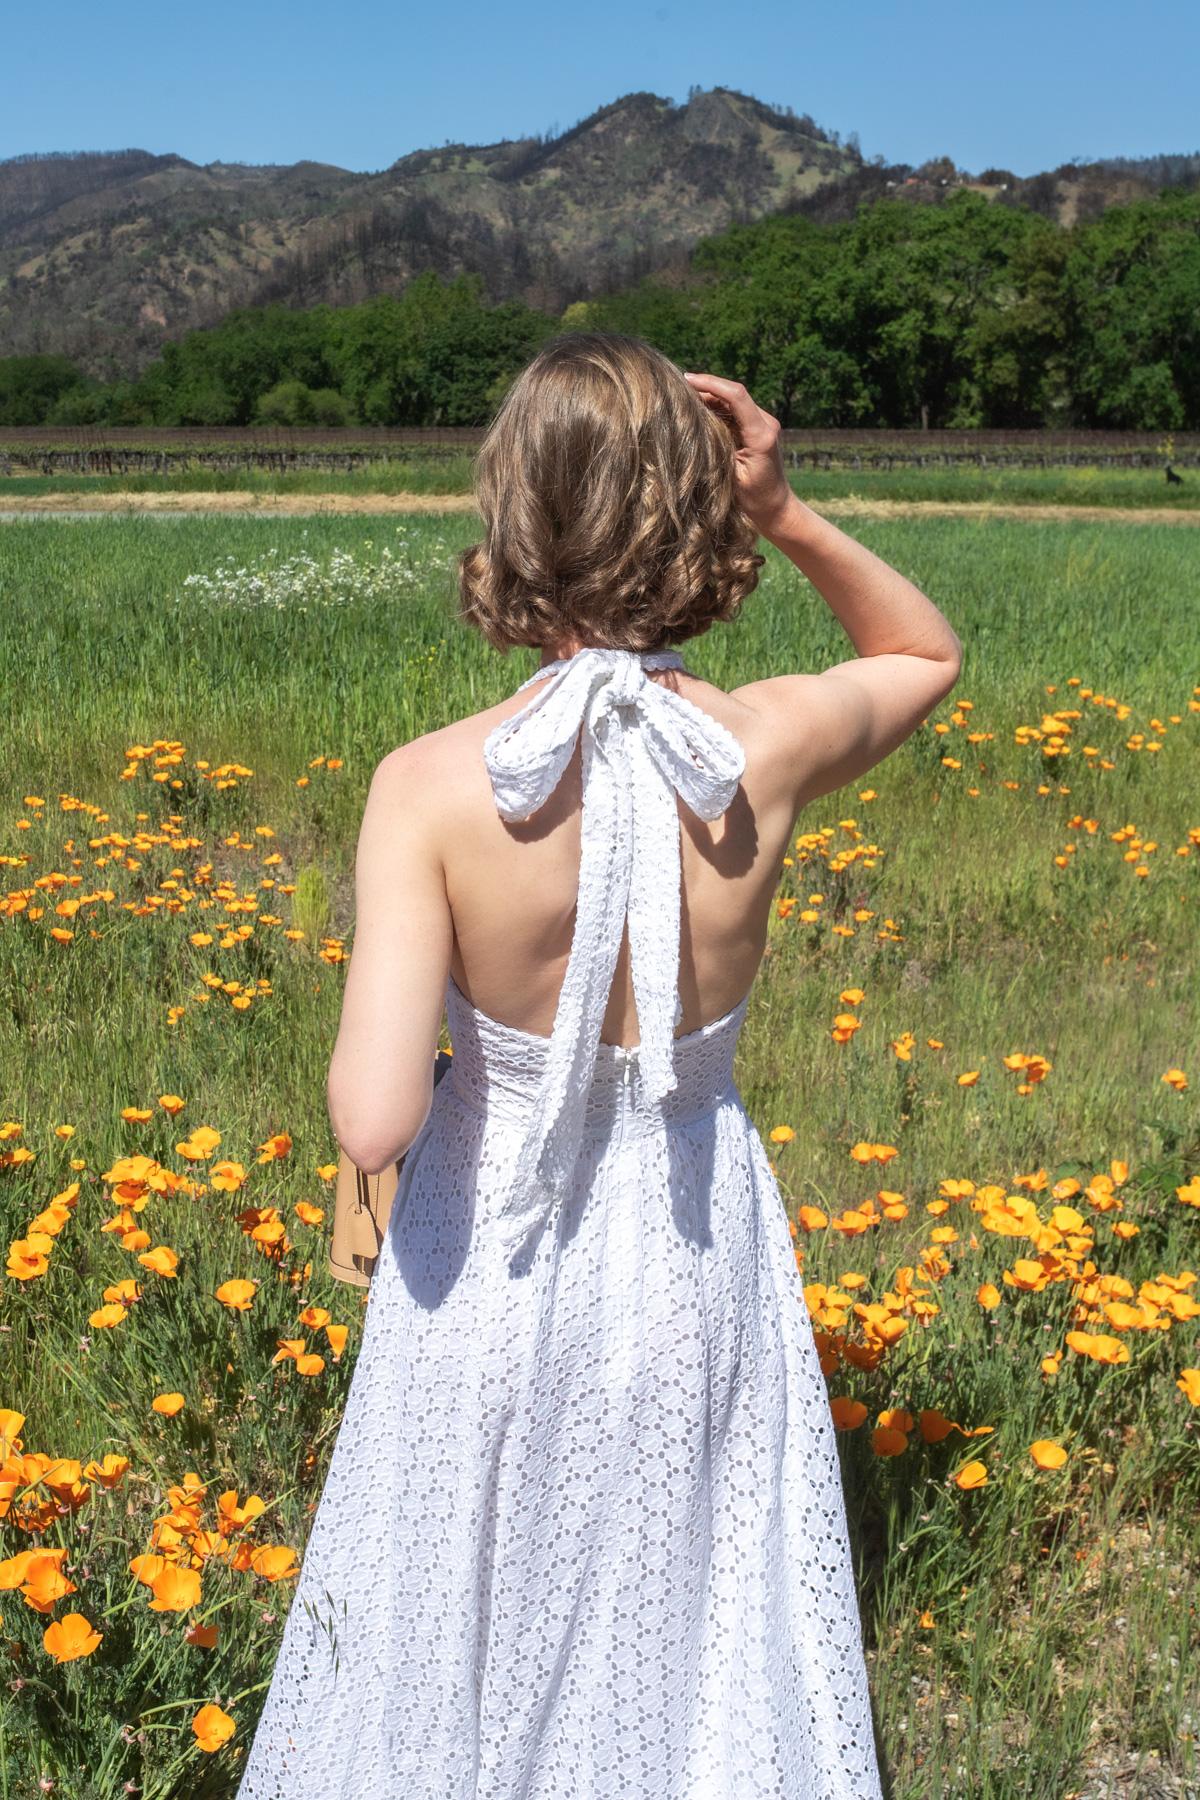 Stacie Flinner White Eyelet Clothing-4.jpg